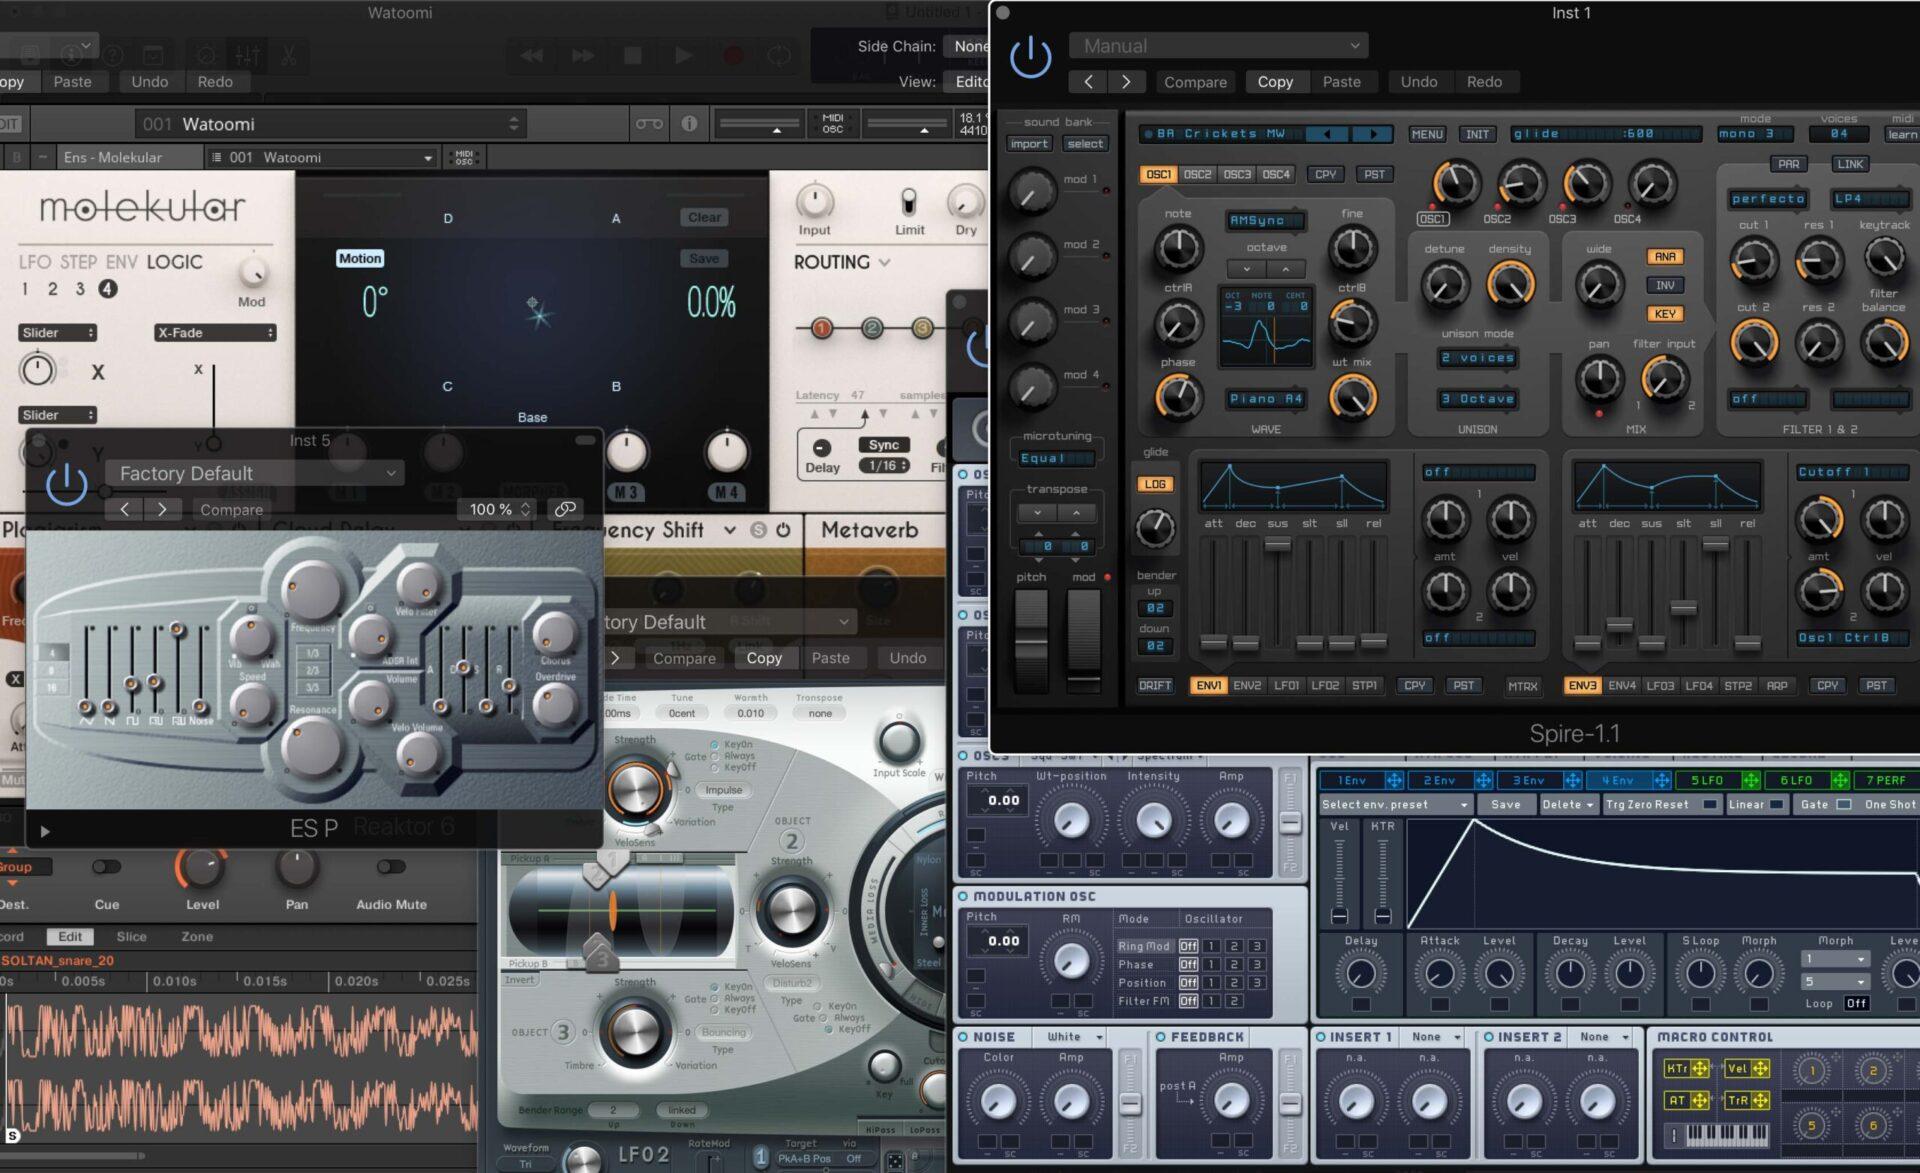 VST плагины и синтезаторы для саунд дизайна